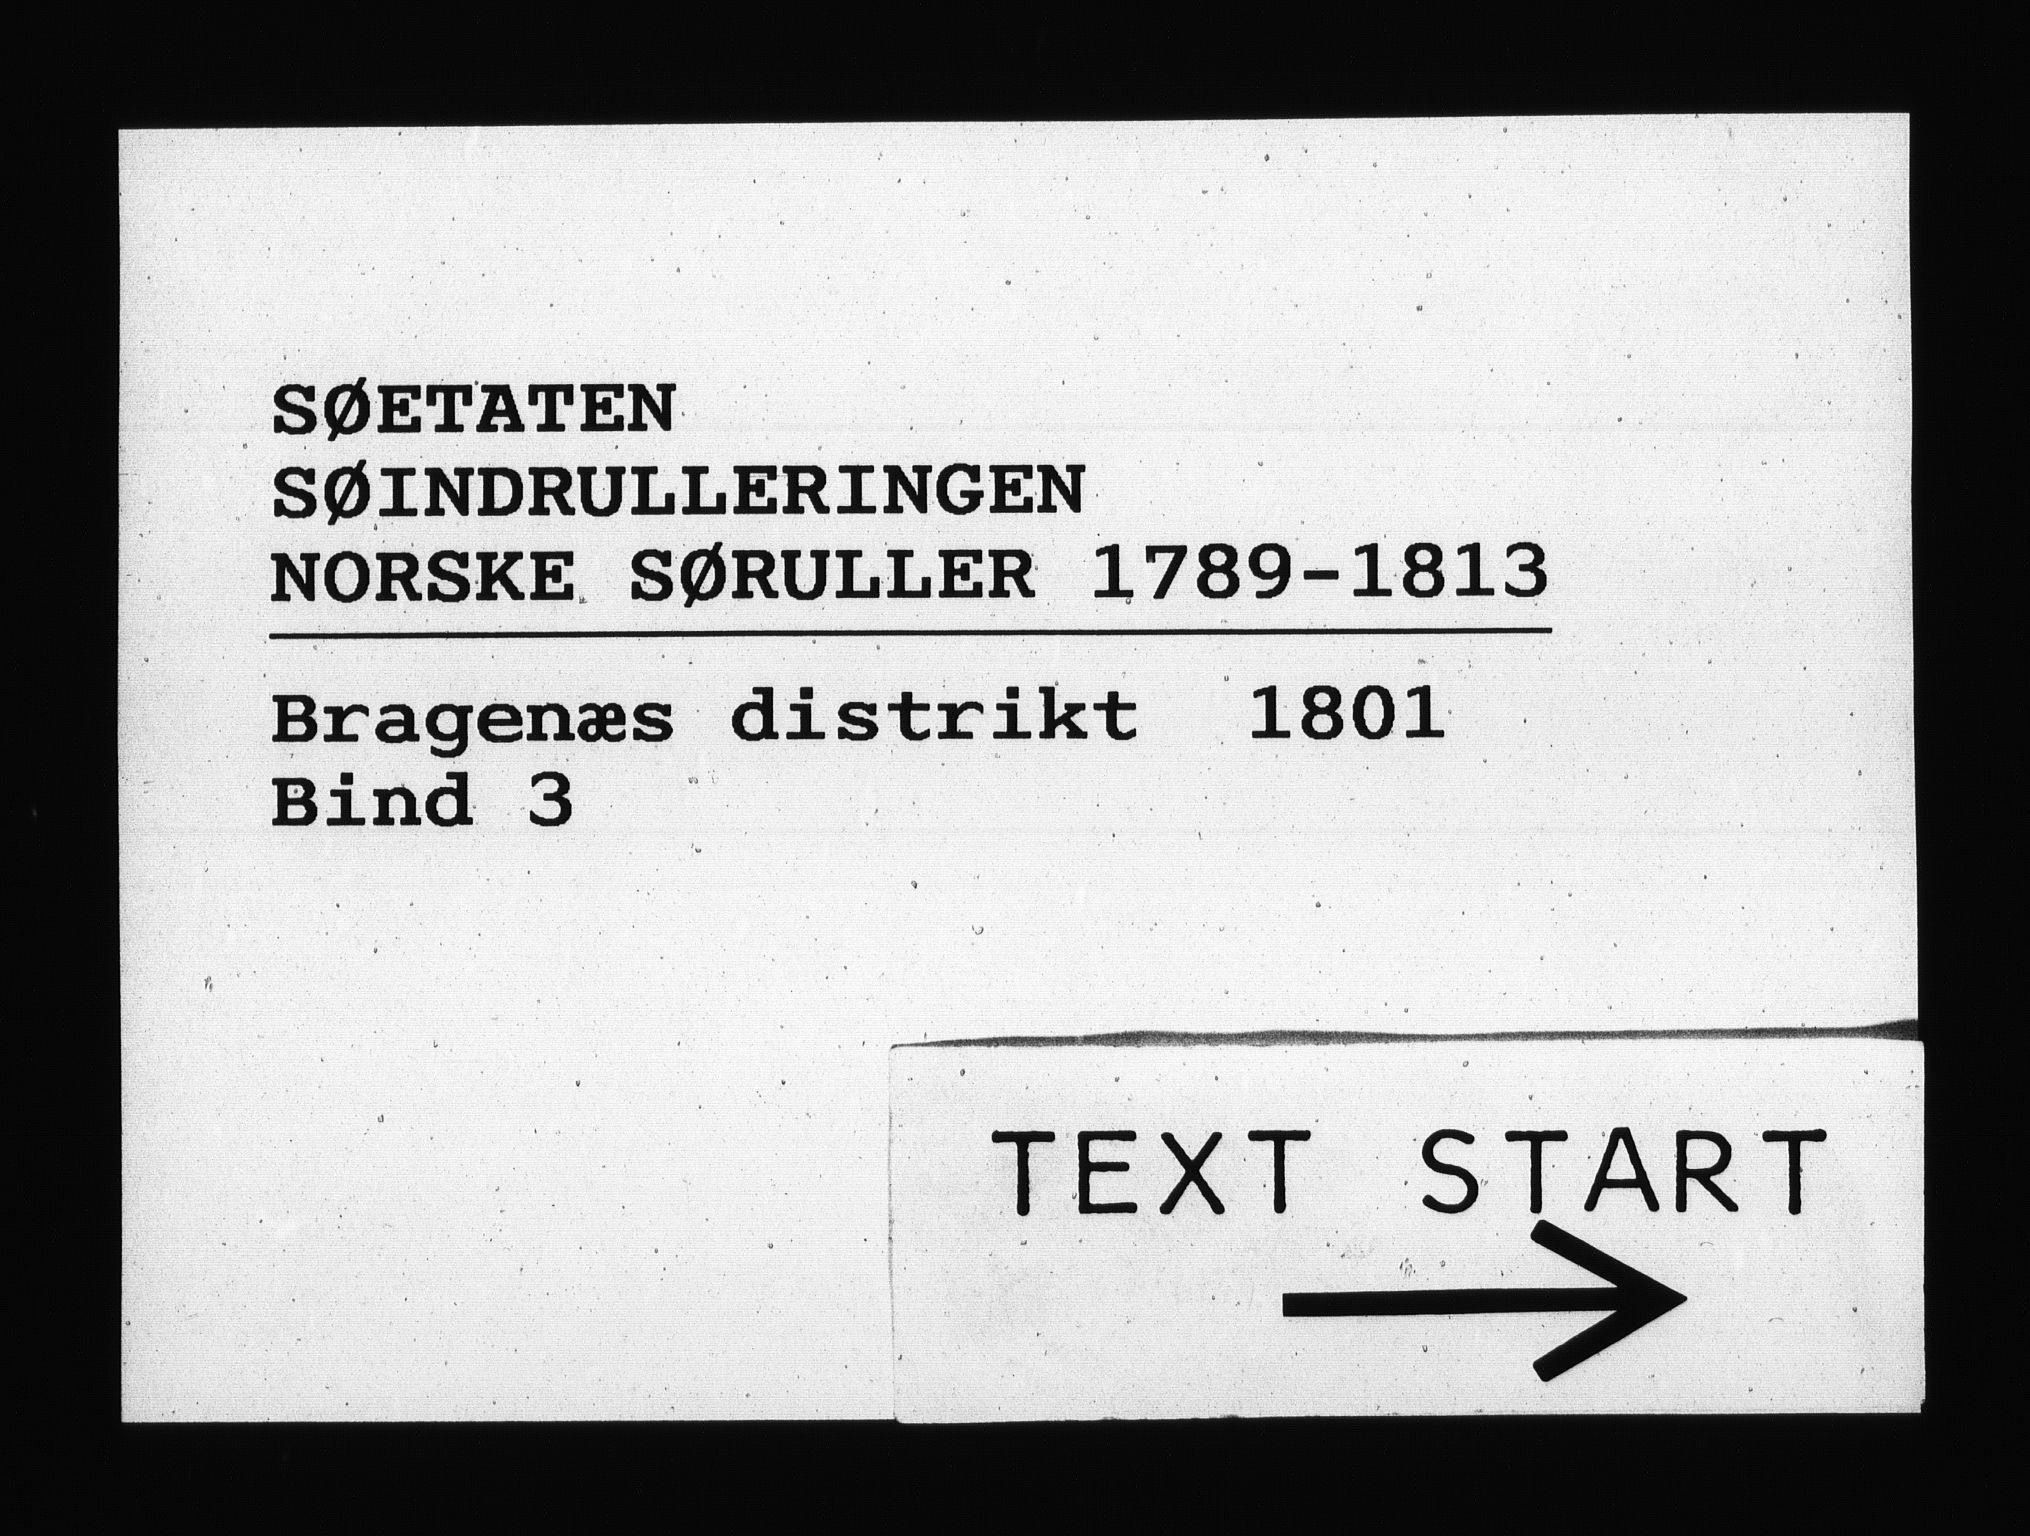 RA, Sjøetaten, F/L0136: Bragernes distrikt, bind 3, 1801